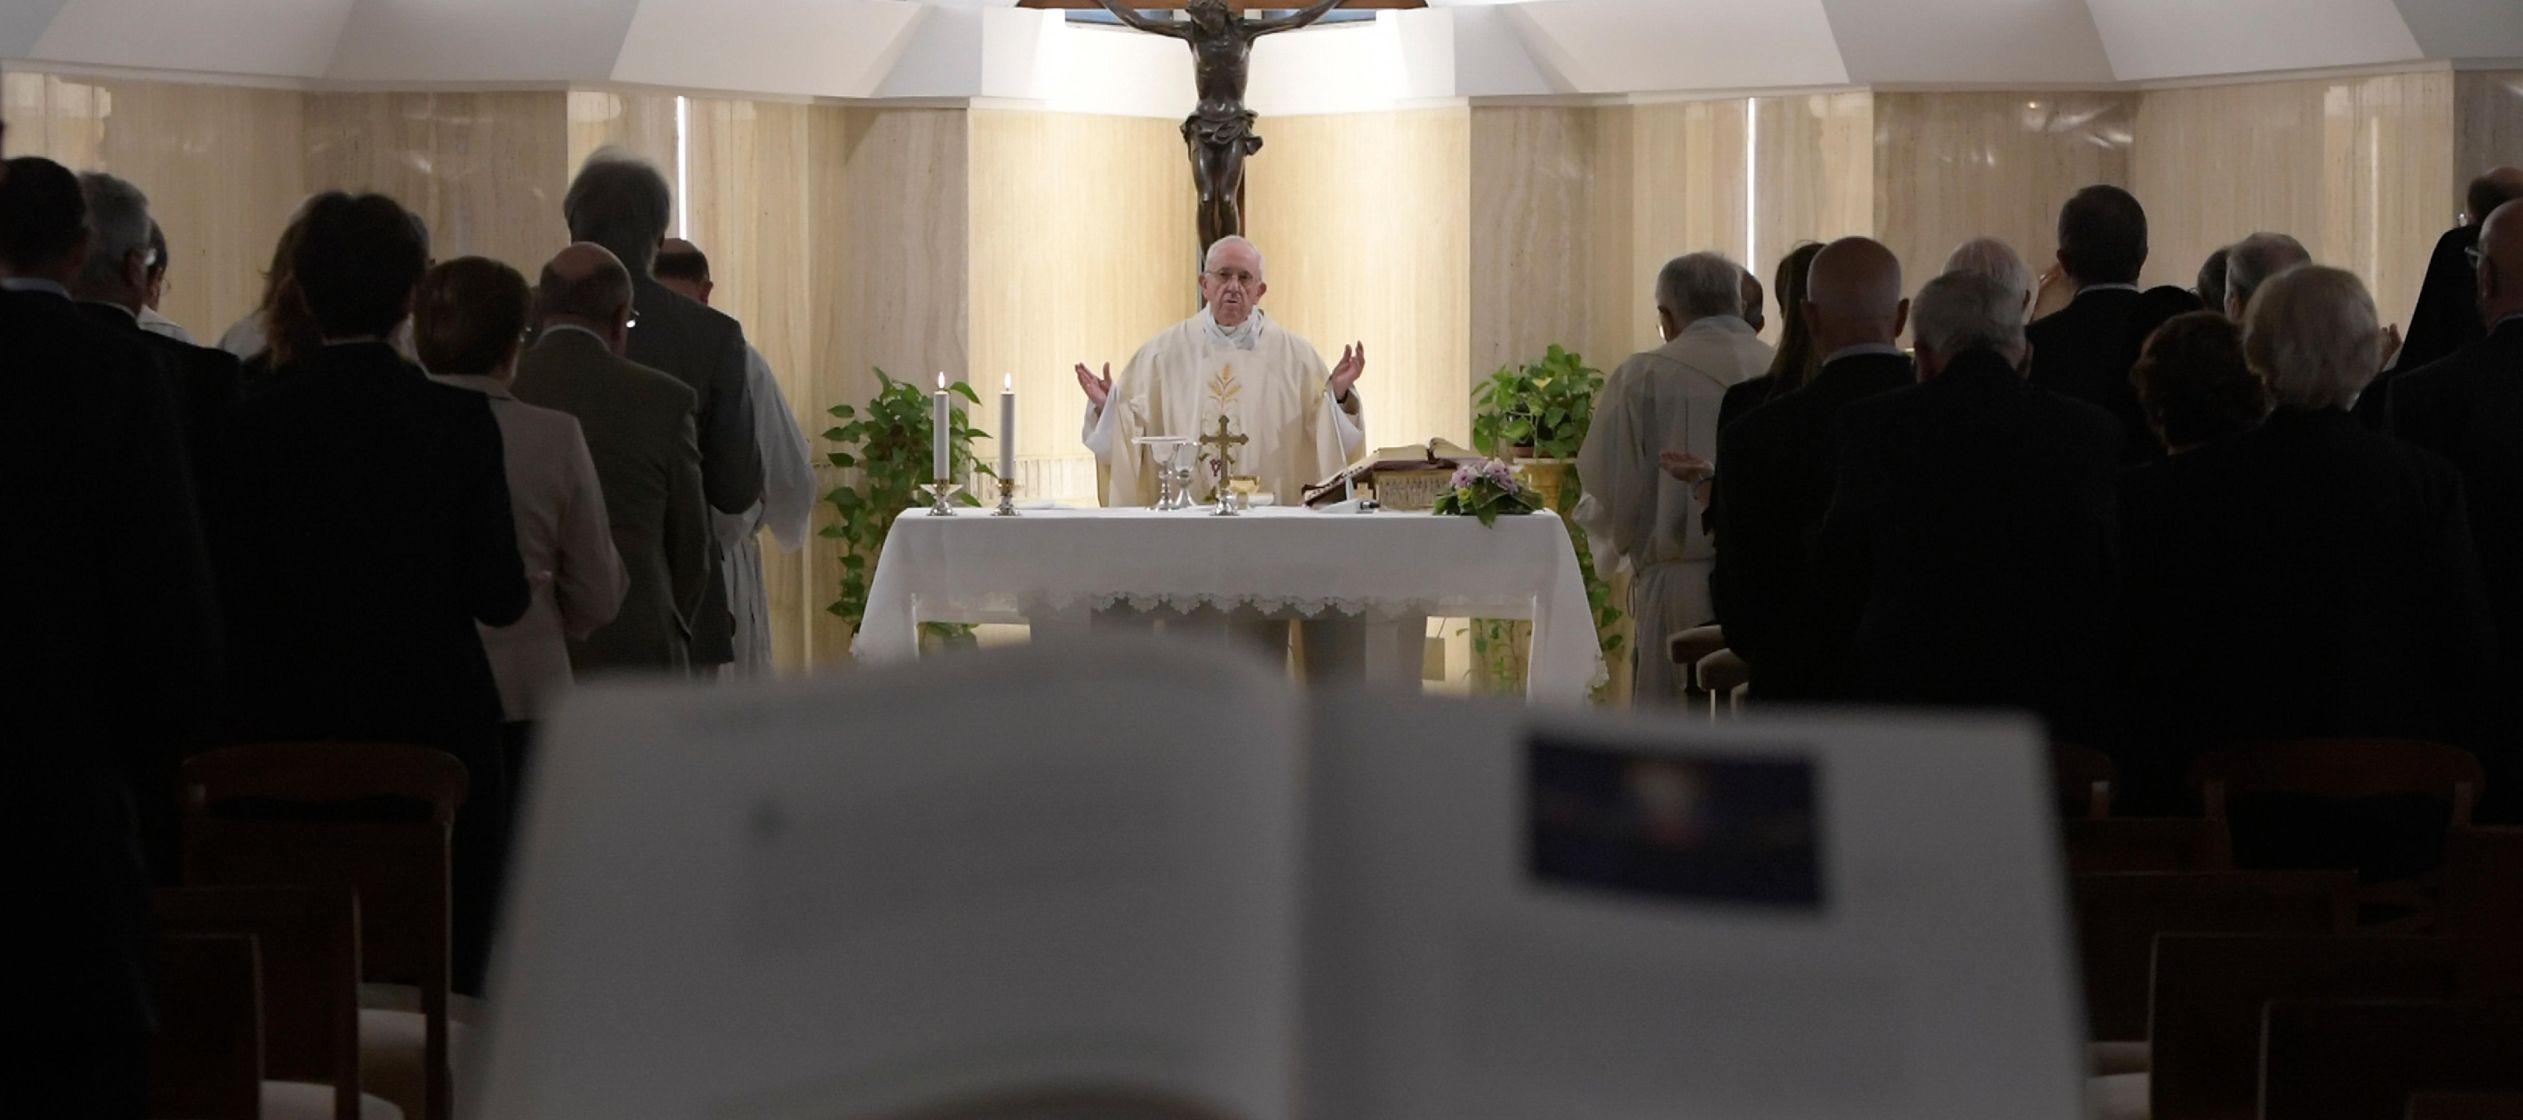 """El Sucesor de Pedro ha reiterado que """"la lógica cristiana va contracorriente"""" y..."""